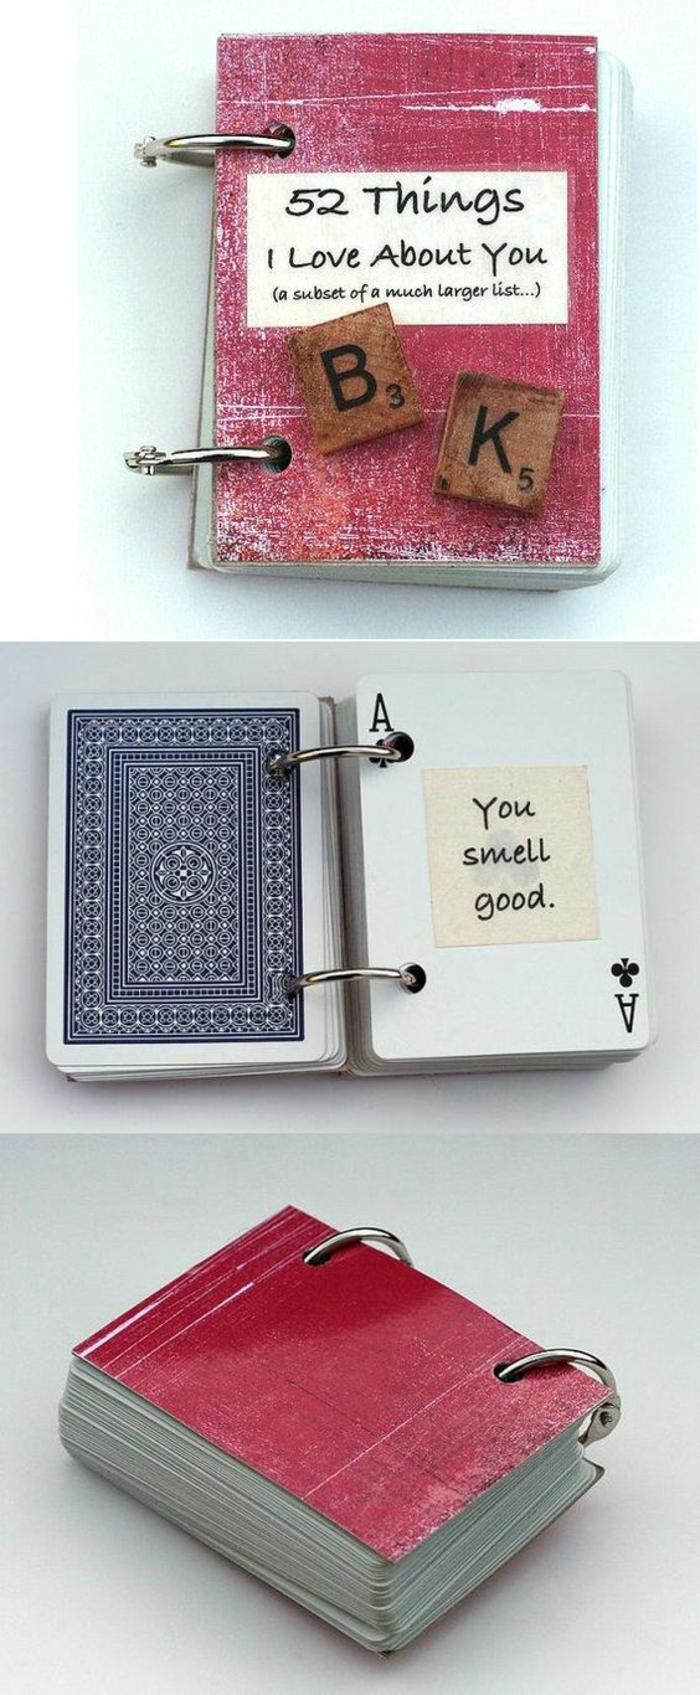 manualidades originales, regalo san valentin, cuaderno de naipes y anilla con mensajes de amor